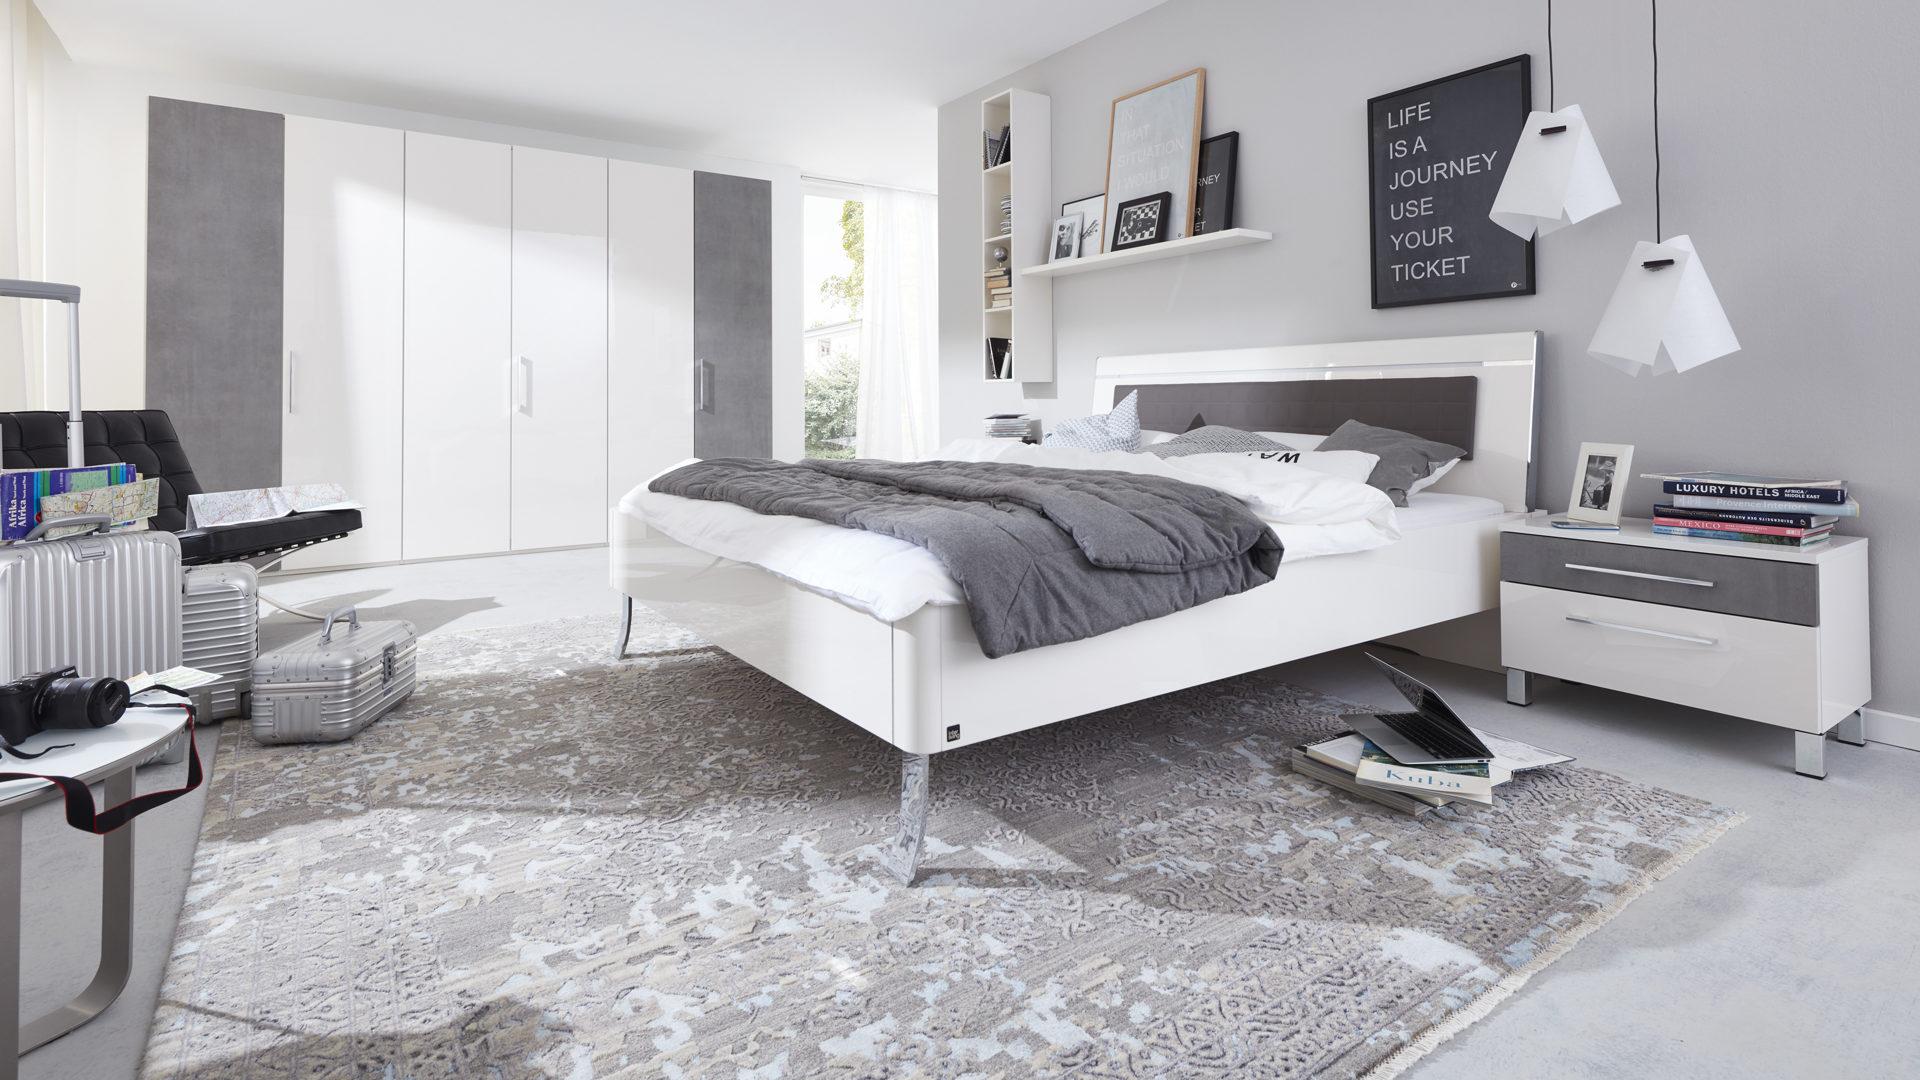 komplettzimmer-loddenkemper-il-aus-mdf-in-weiss-interliving-schlafzimmer-serie-1003-schlafzimmerkombination-bianco-weisse-hochglanzoberflaechen-und-, Schlafzimmer entwurf